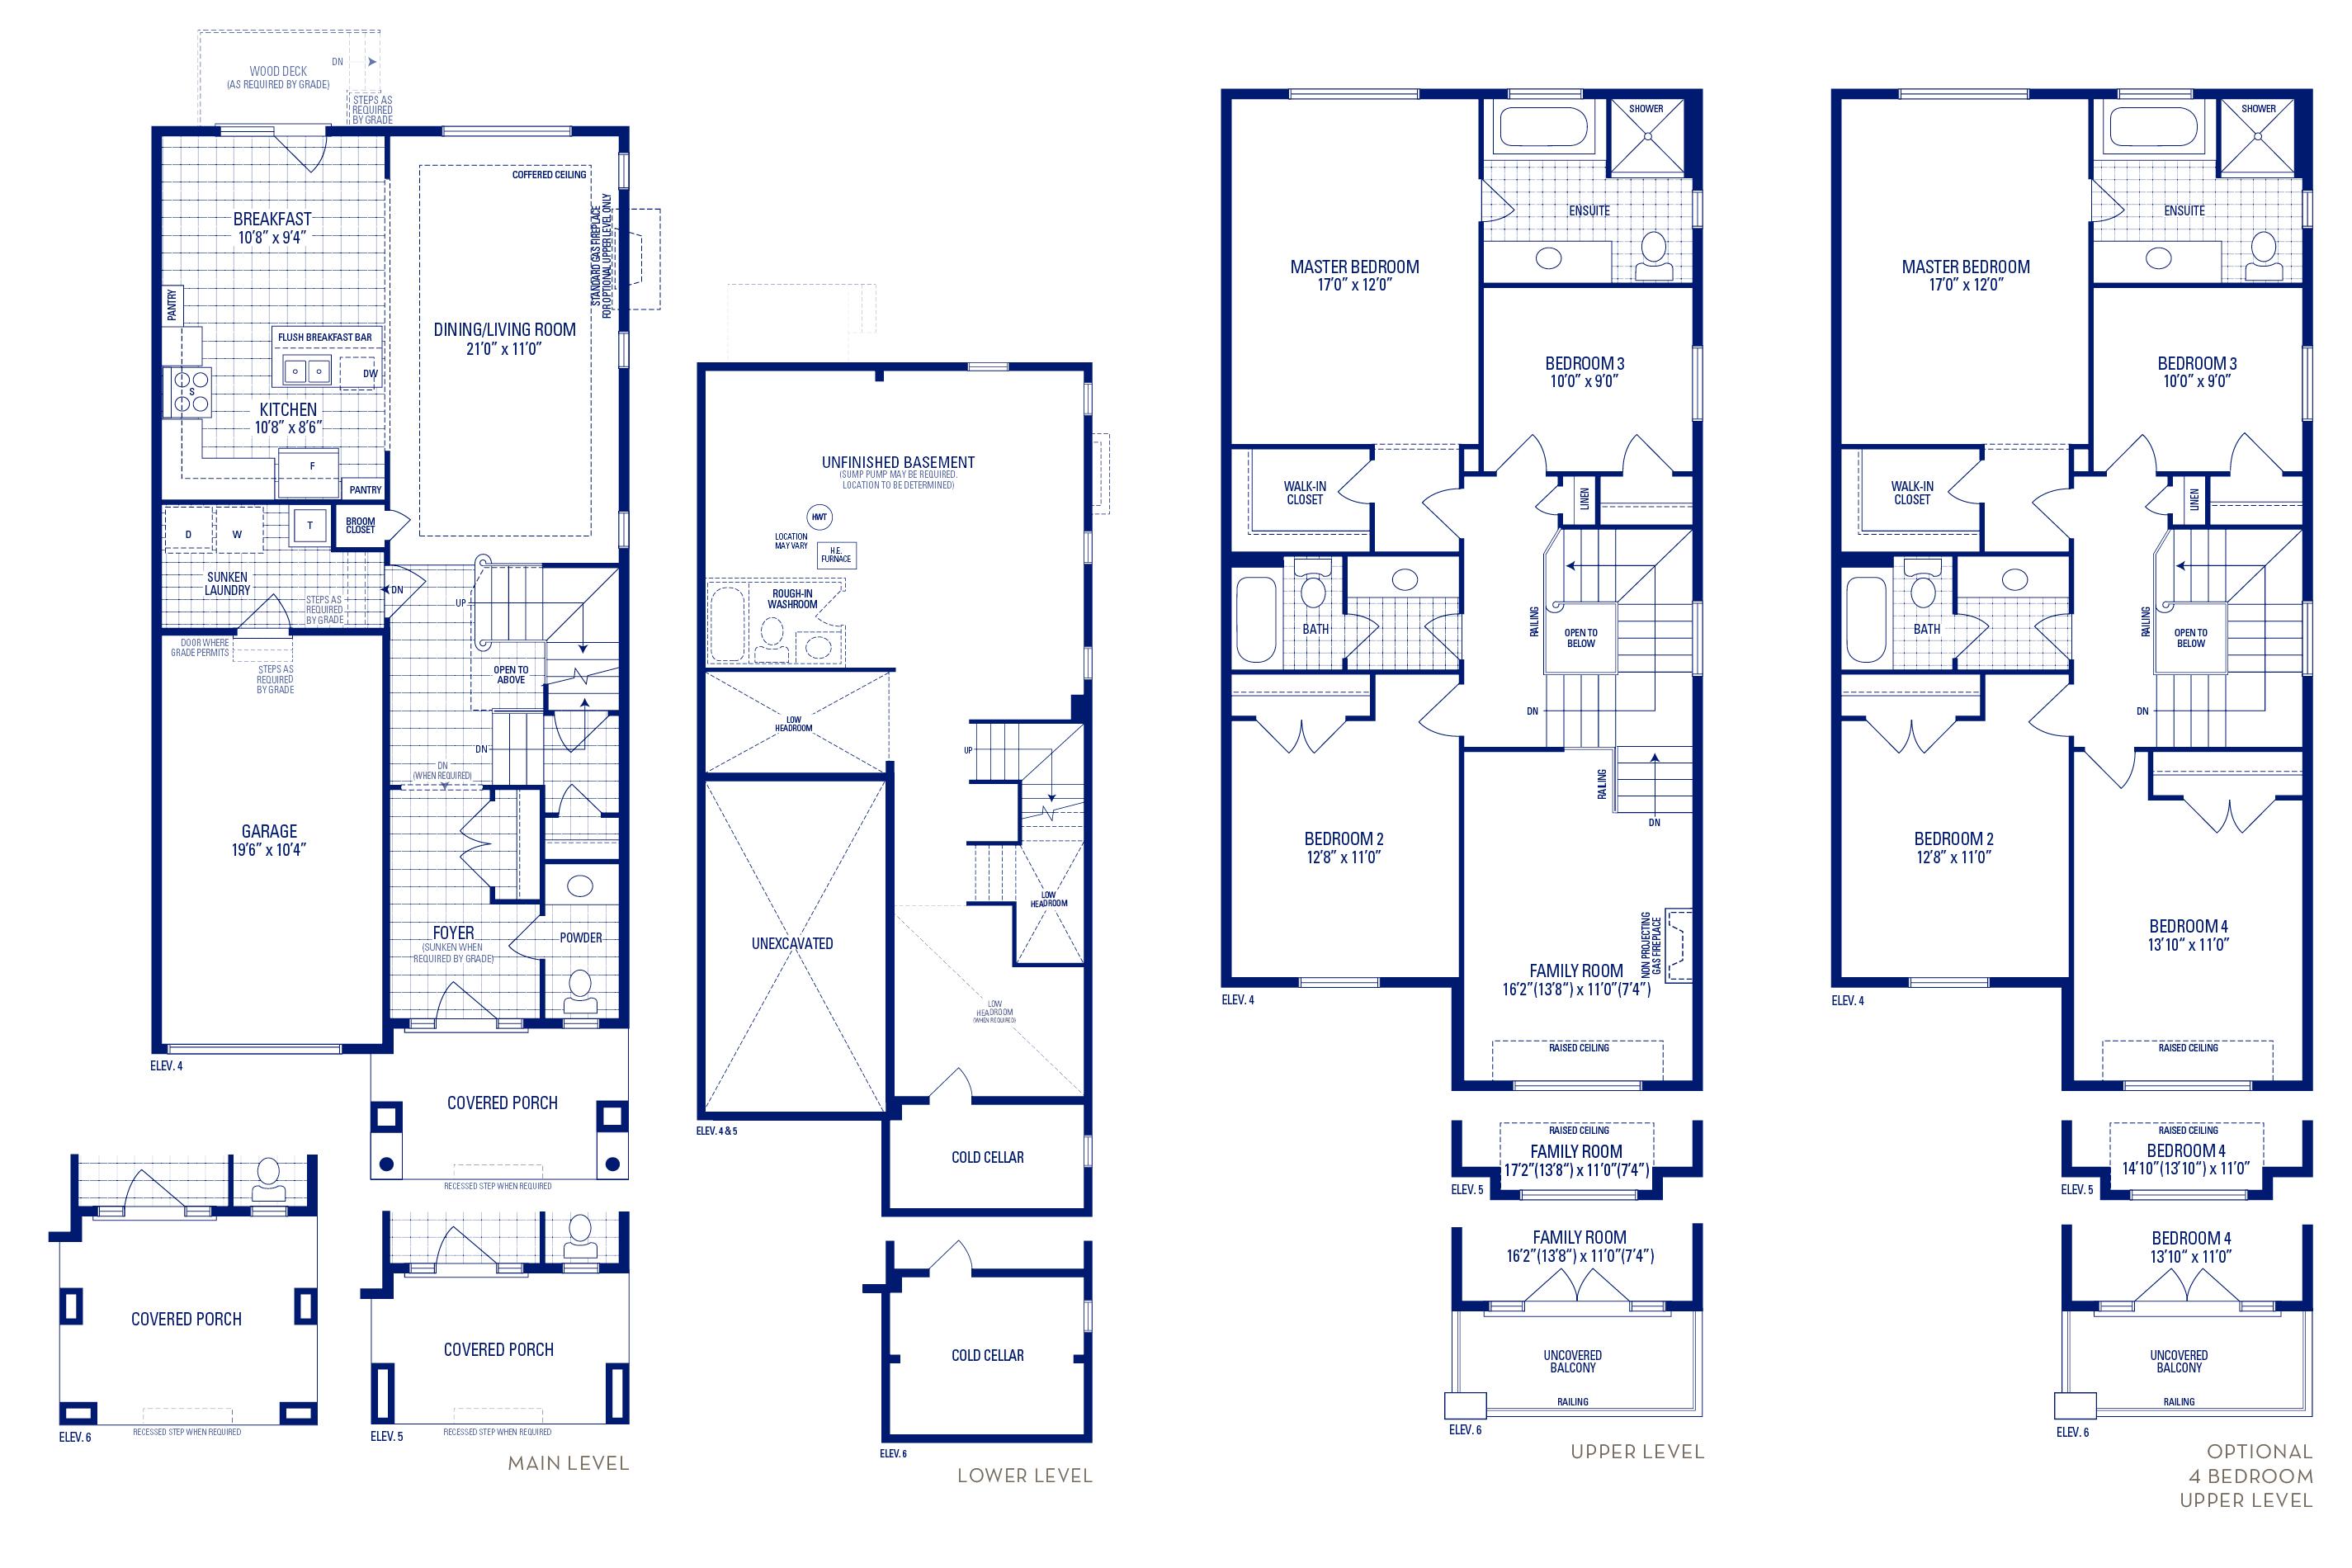 Heritage 03 Elev. 5 Floorplan